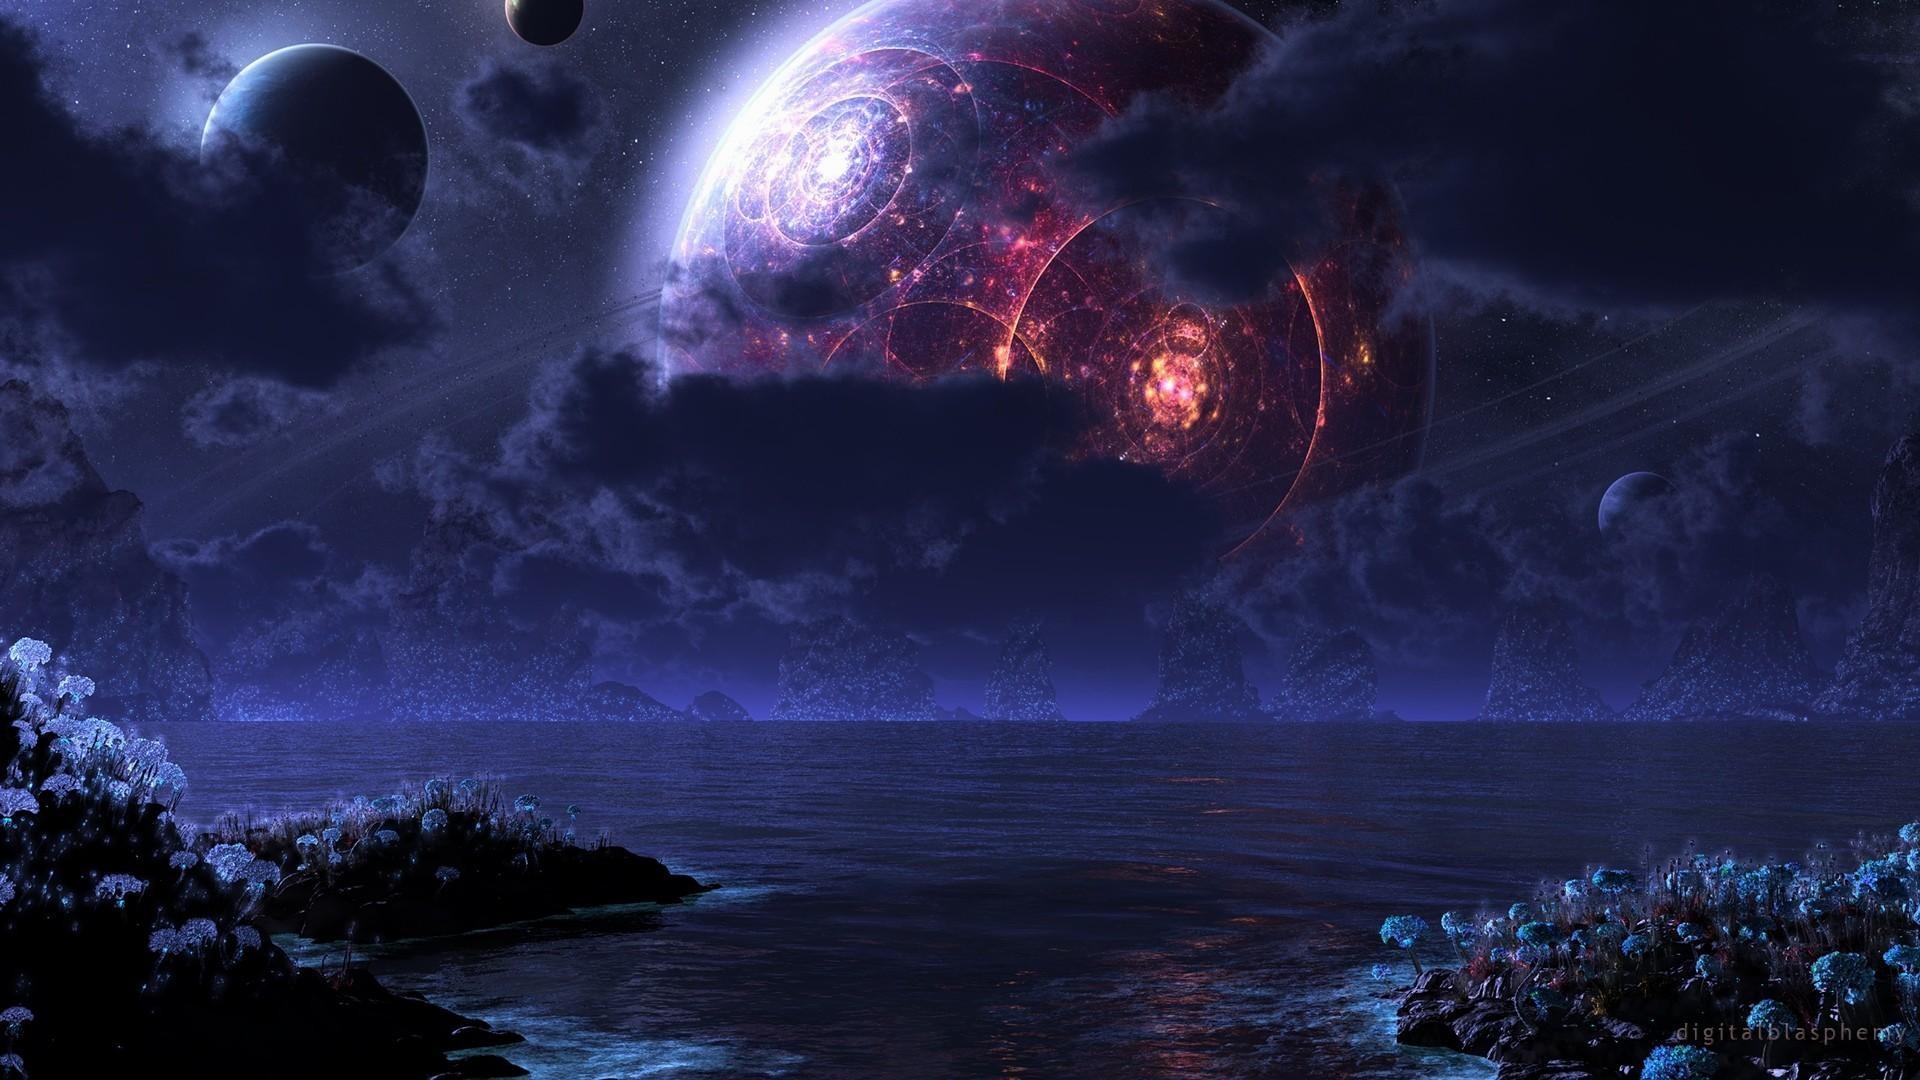 Alien-Civilization-Planet-Landscape-Hi-Res-Alien-Landscape-